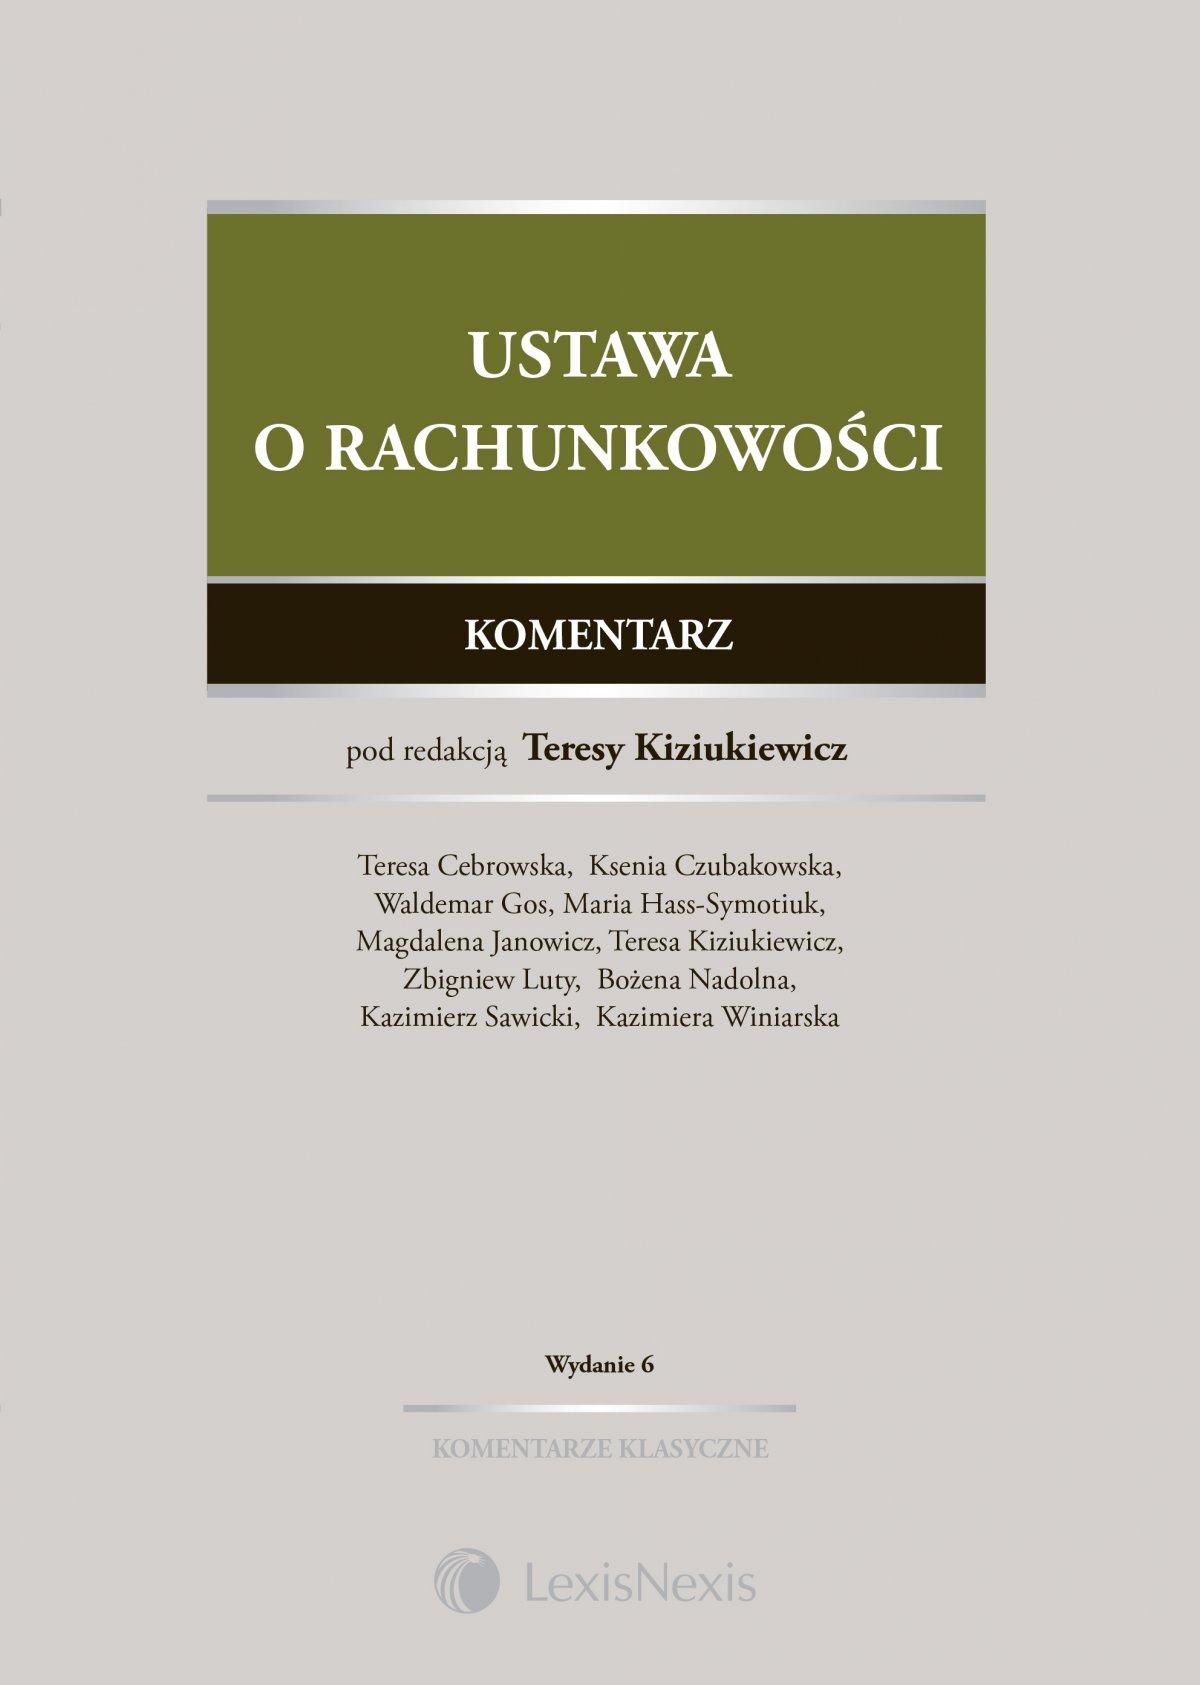 Ustawa o rachunkowości. Komentarz. Wydanie 6 - Ebook (Książka EPUB) do pobrania w formacie EPUB